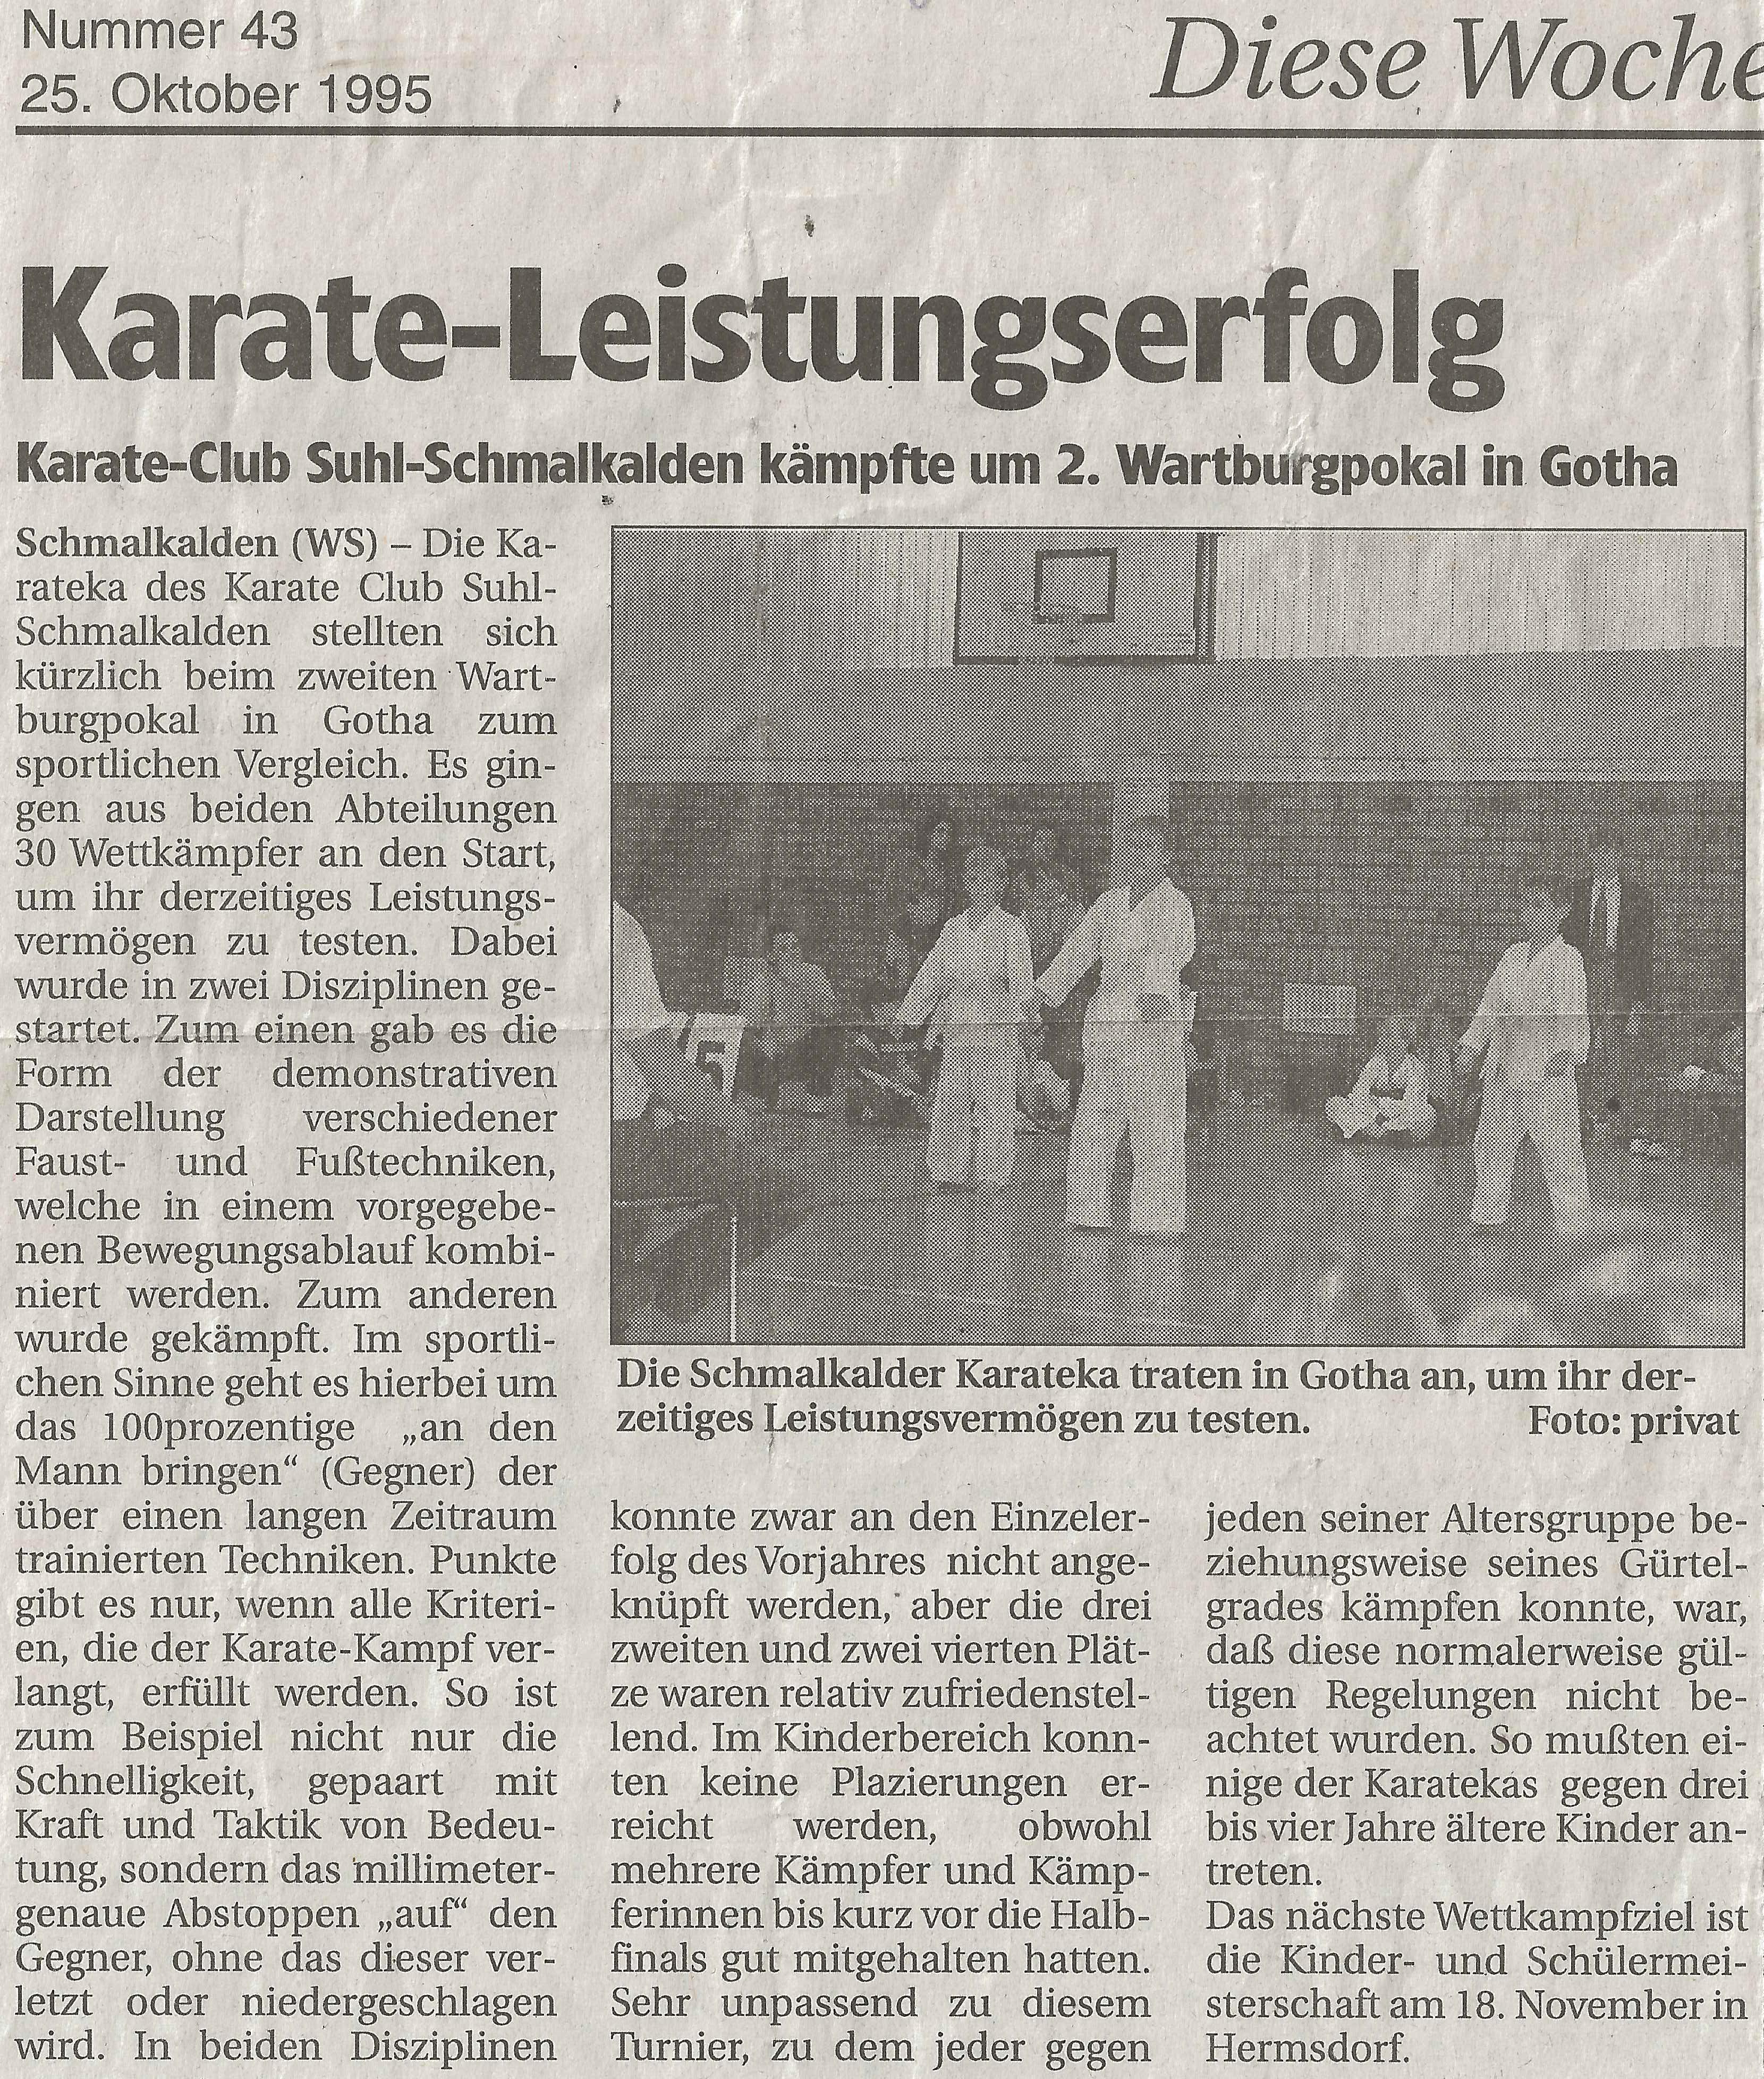 wartburgpokal-gotha.jpg